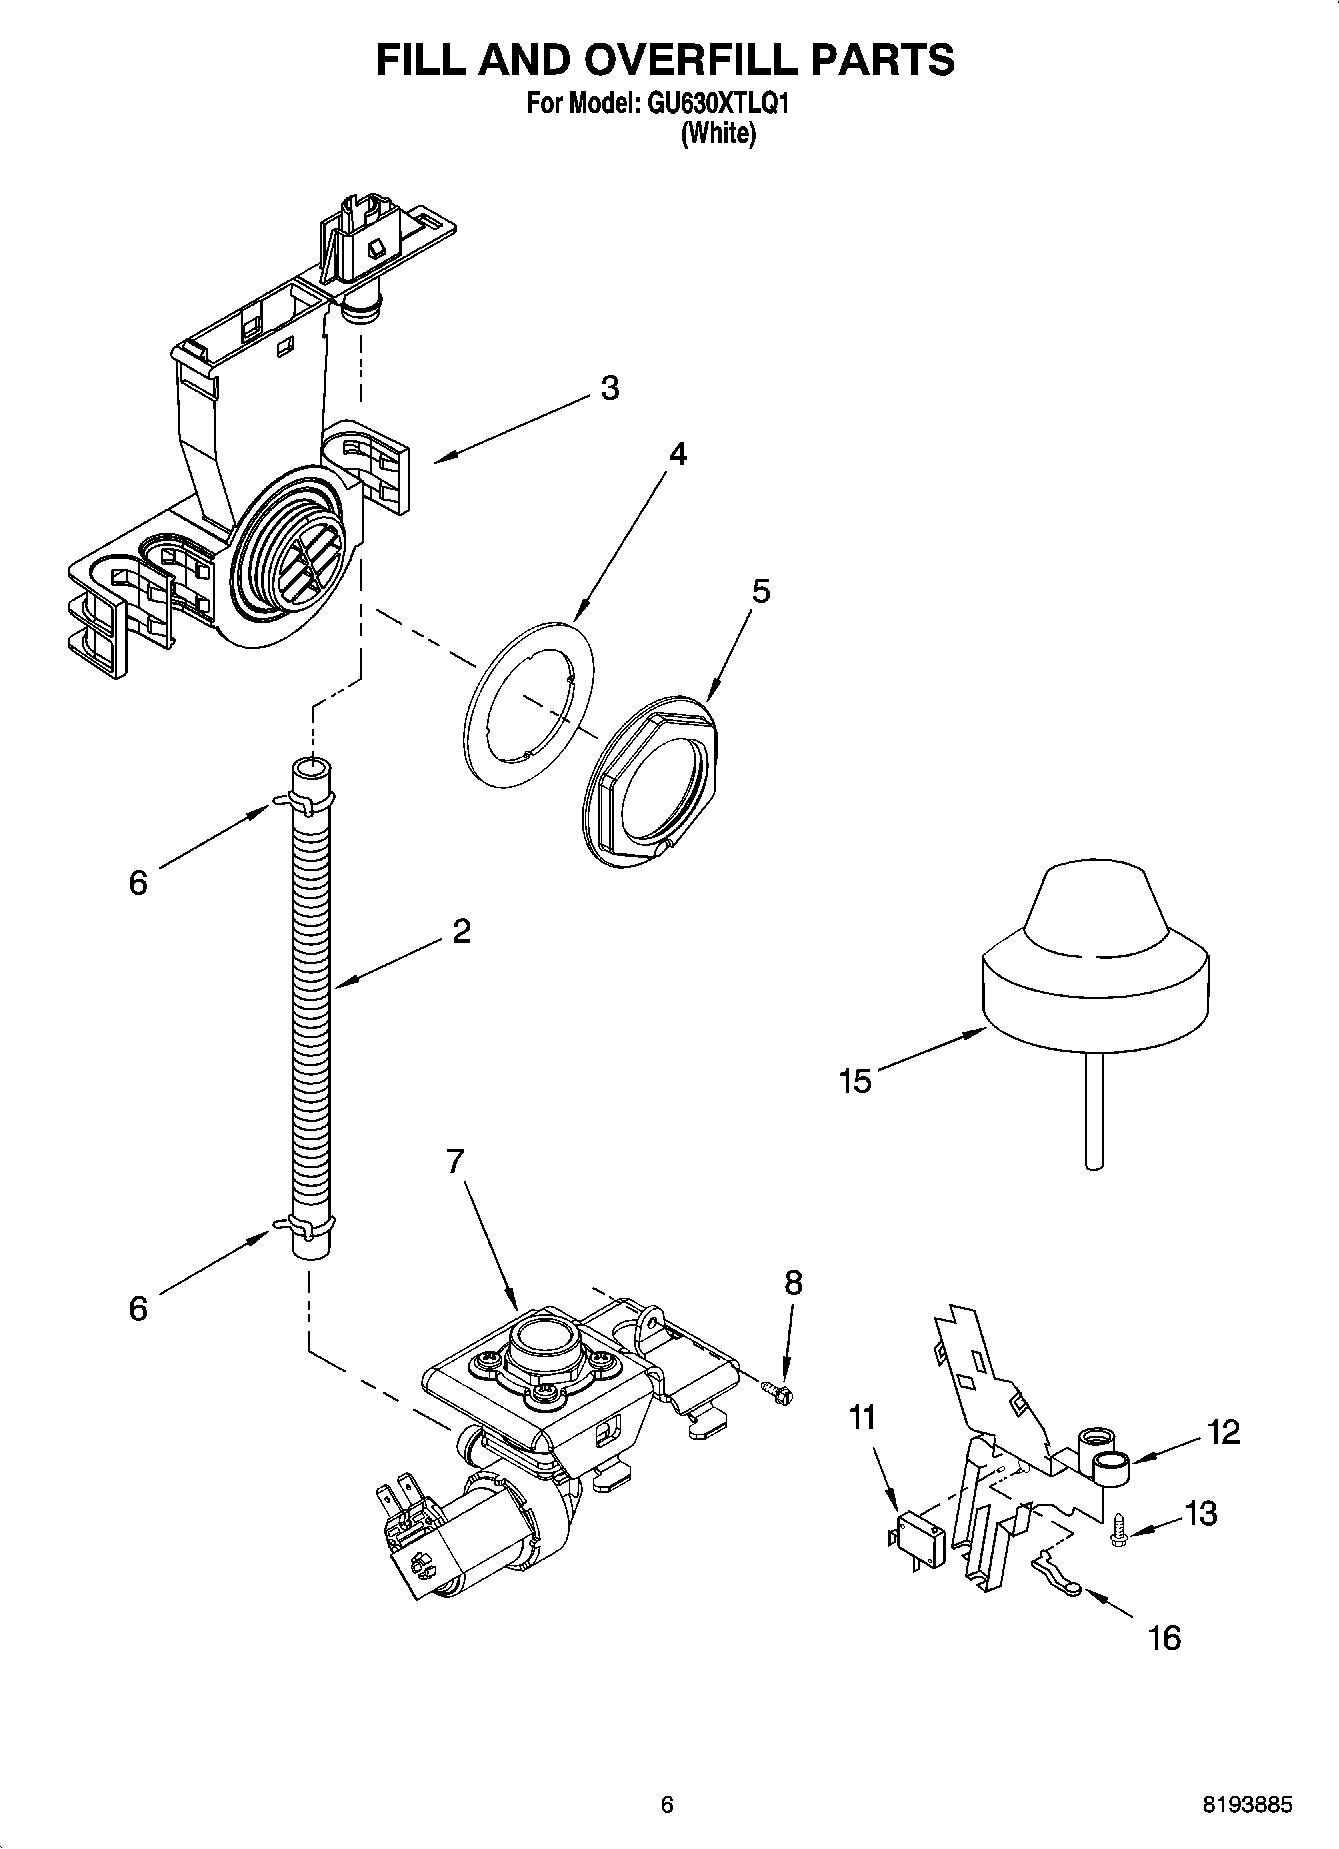 GU630XTLQ1